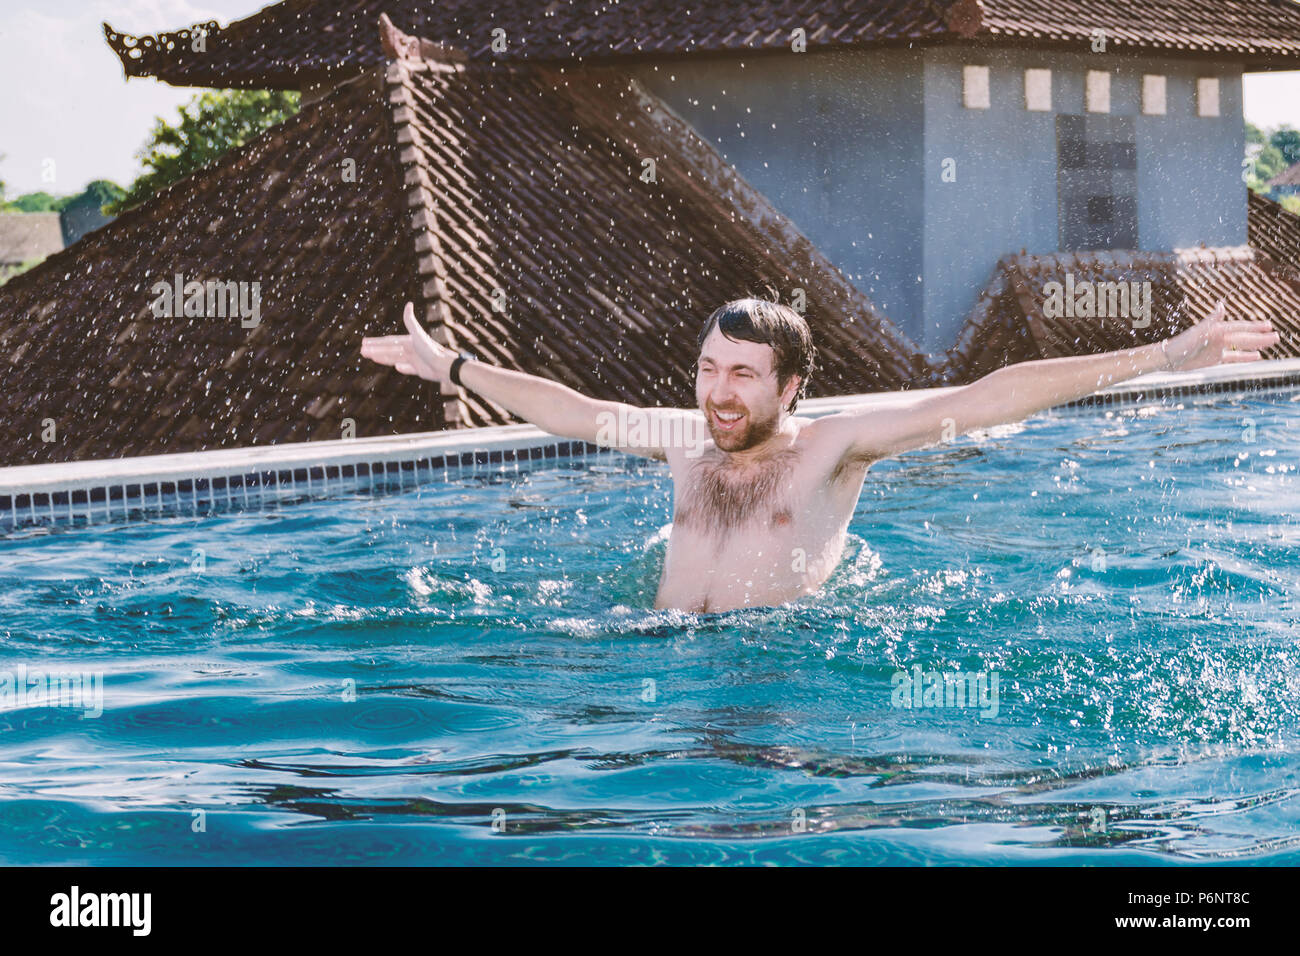 Ritratto di sorridenti giovane con le mani fino che è bagnata nella piscina sul tetto. Emozioni - la gioia, la felicità, eccitato, positivo, gleeful, lieto Foto Stock